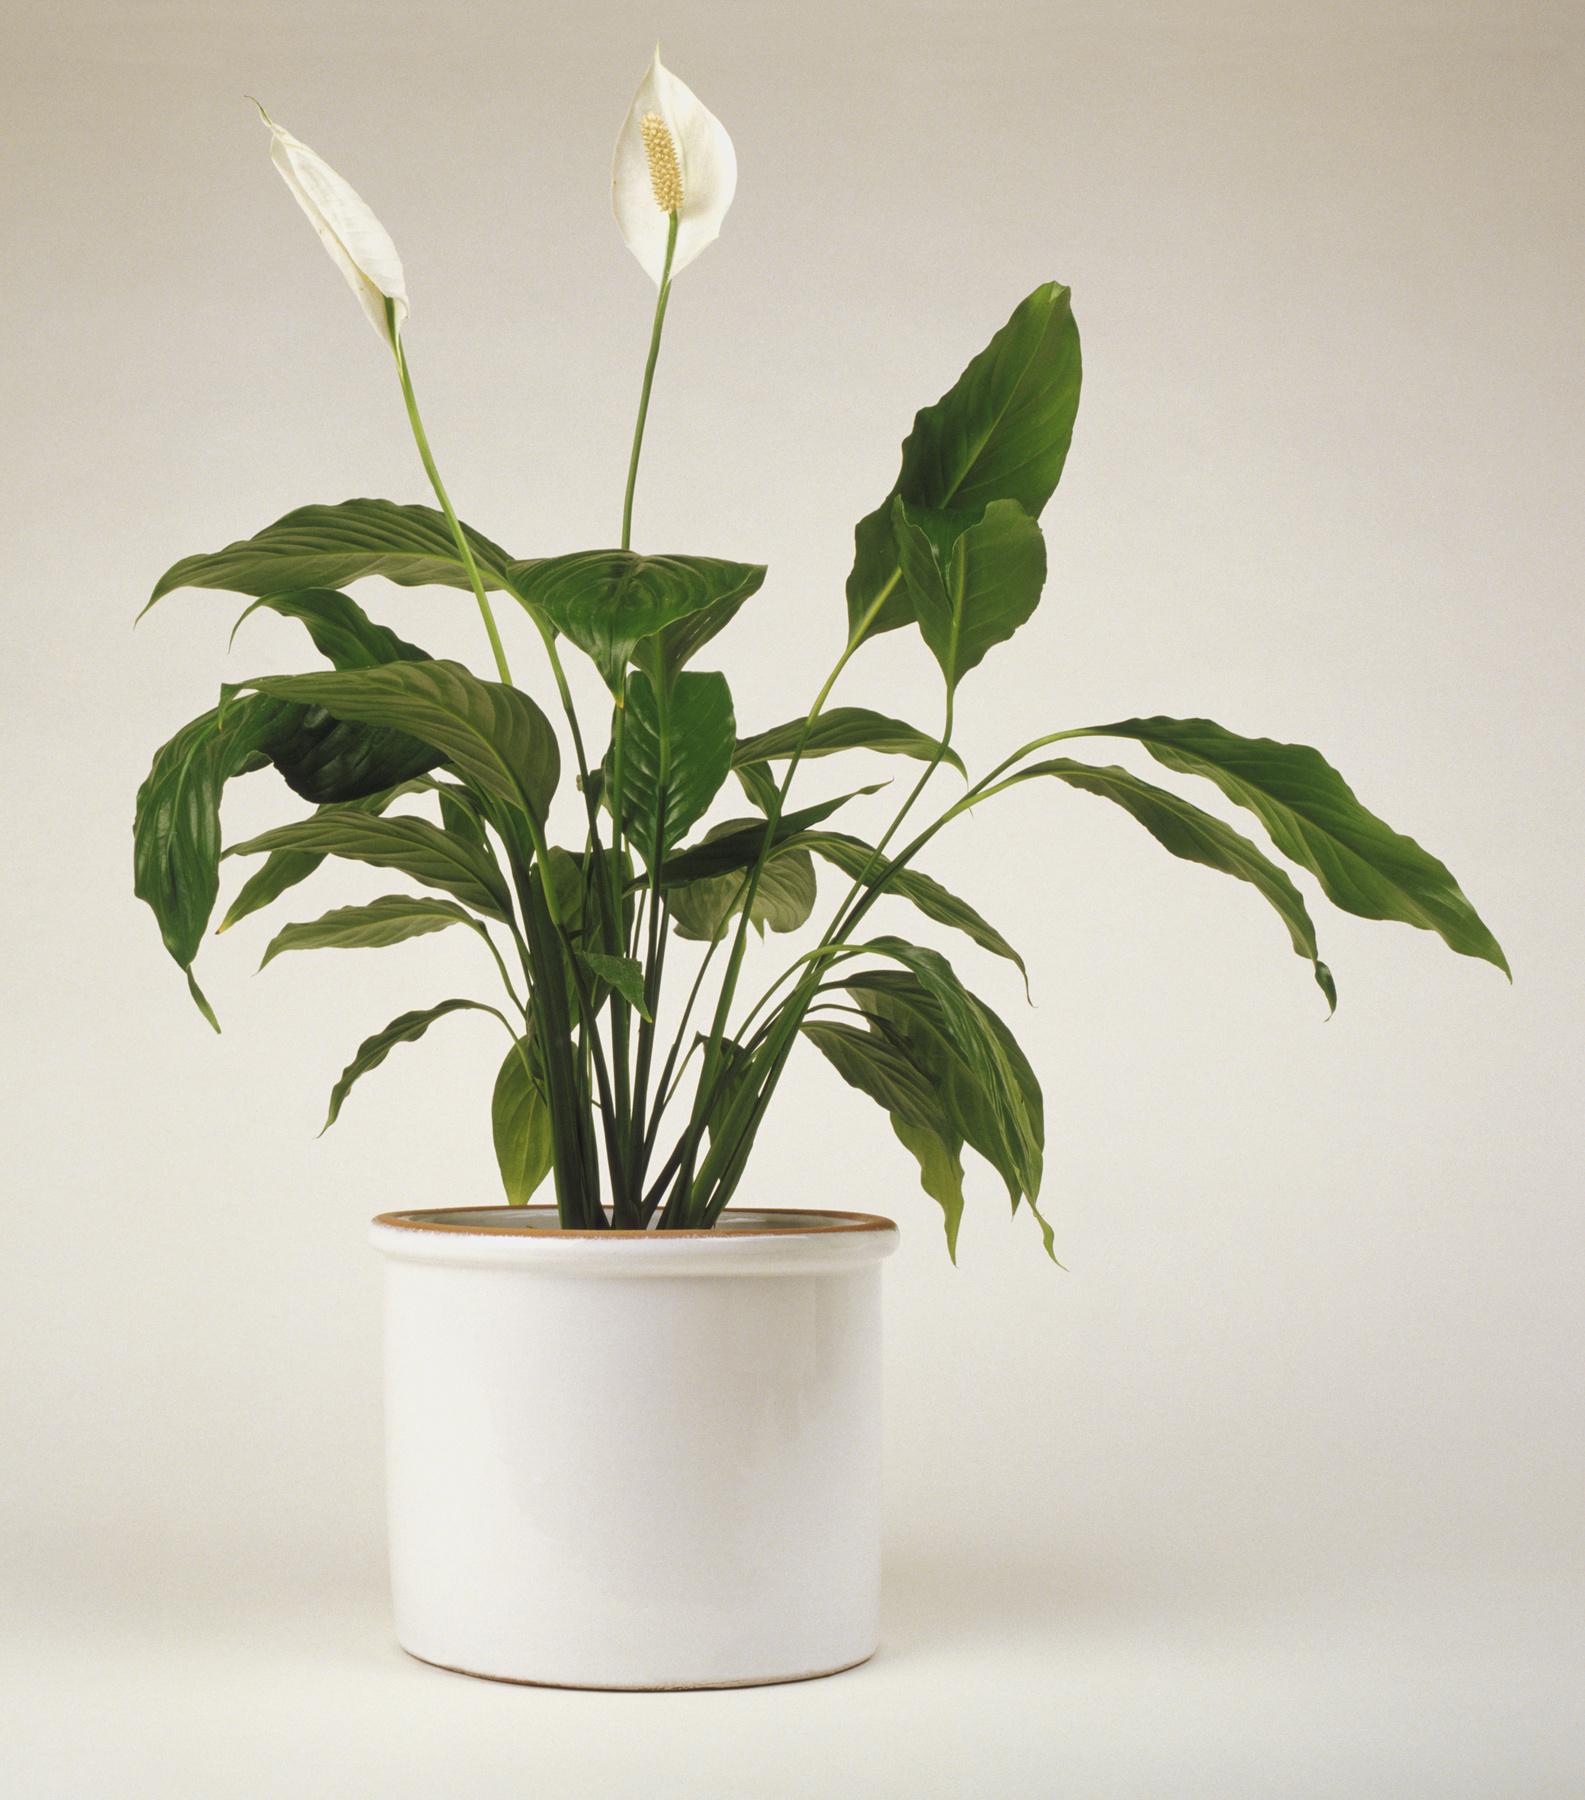 Vitorlavirág A kellemesen romantikus, fehér, tölcsérszerű virágokat akkor tudja előcsalogatni, ha a locsolással is ügyes, és a félárnyékot is biztosítja a növénynek. A közvetlen napot ugyanis a vitorlavirág nem kedveli, így igazi pompáját szűrt fényben éri el.